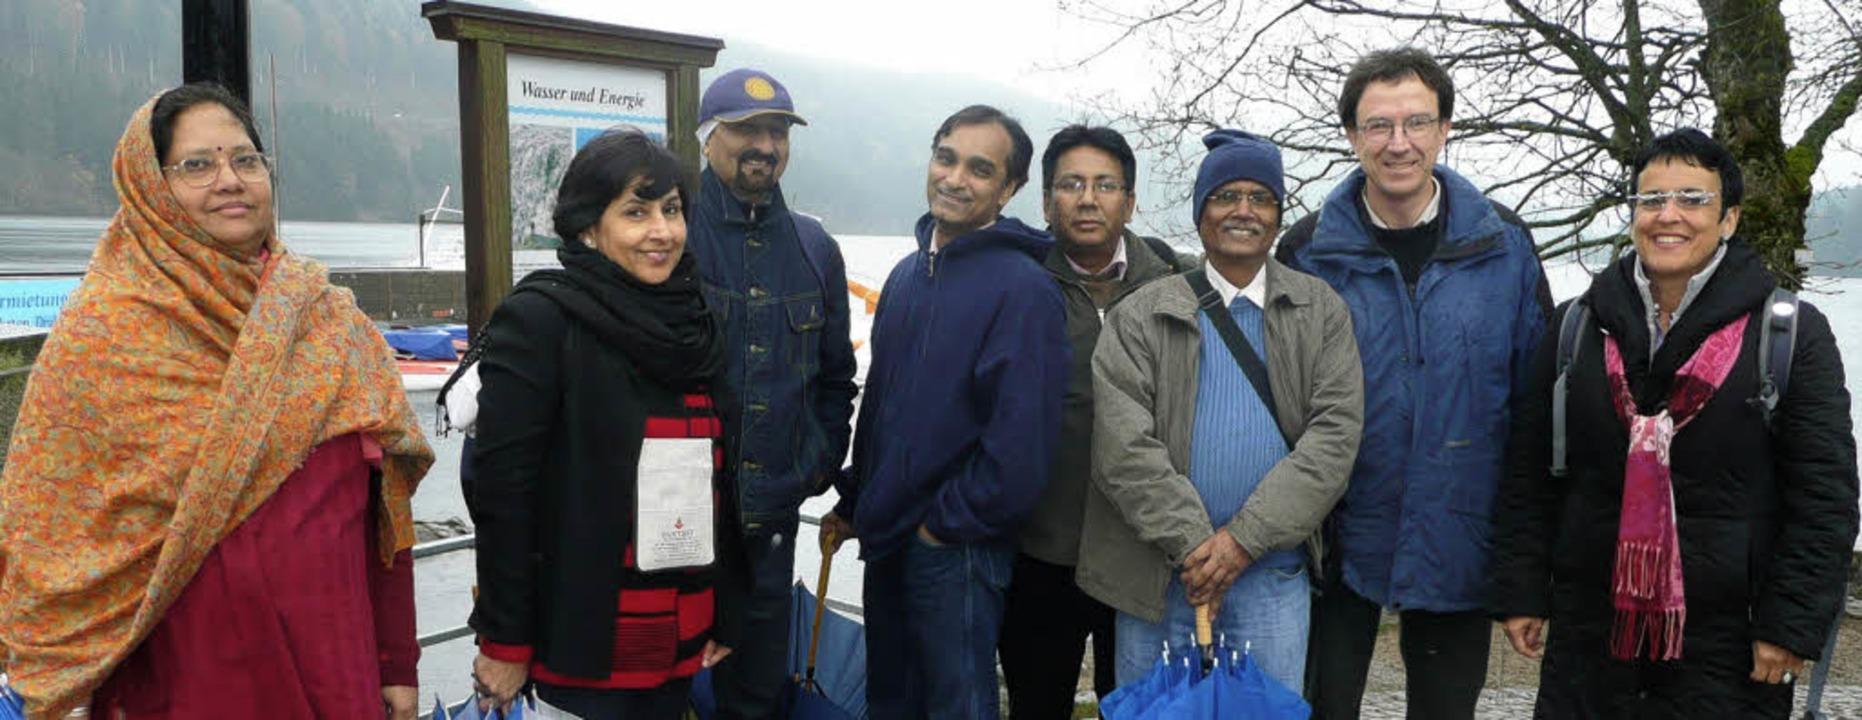 Die  indische Delegation mit Gästeführ...erte Dieter Schuster an der Promenade.  | Foto: peter stellmach